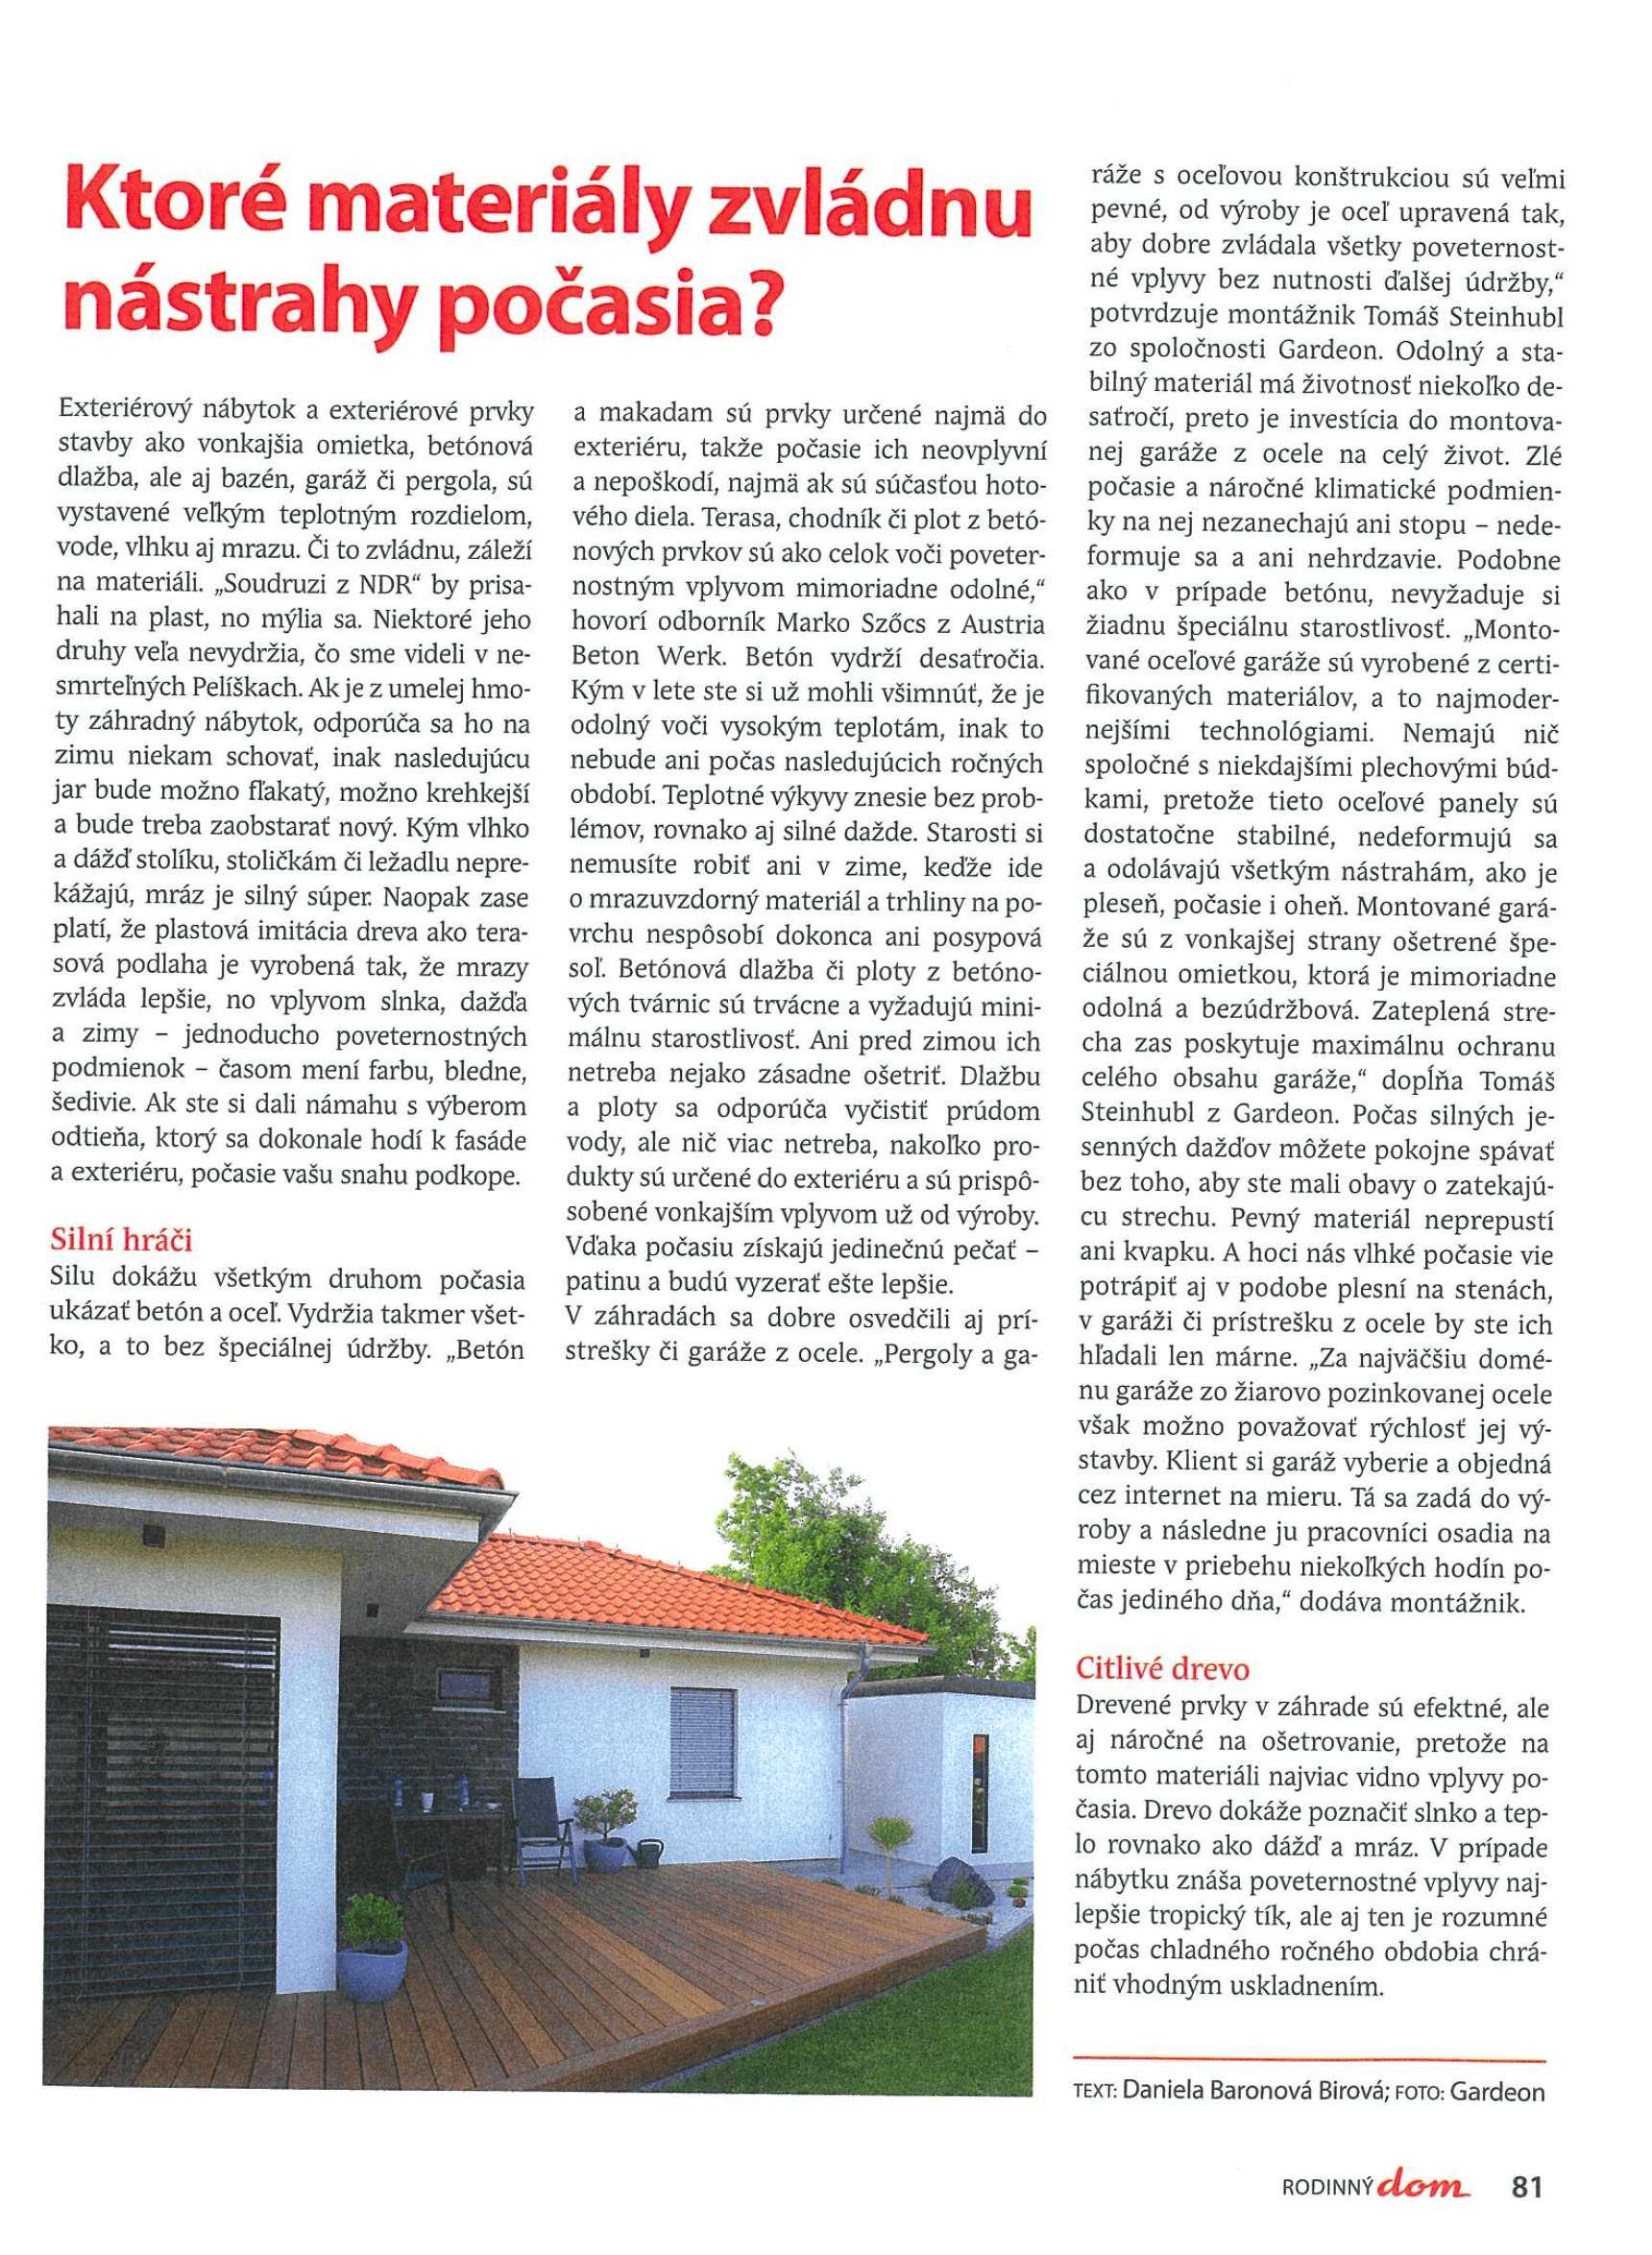 Článok v časopise Rodinný dom